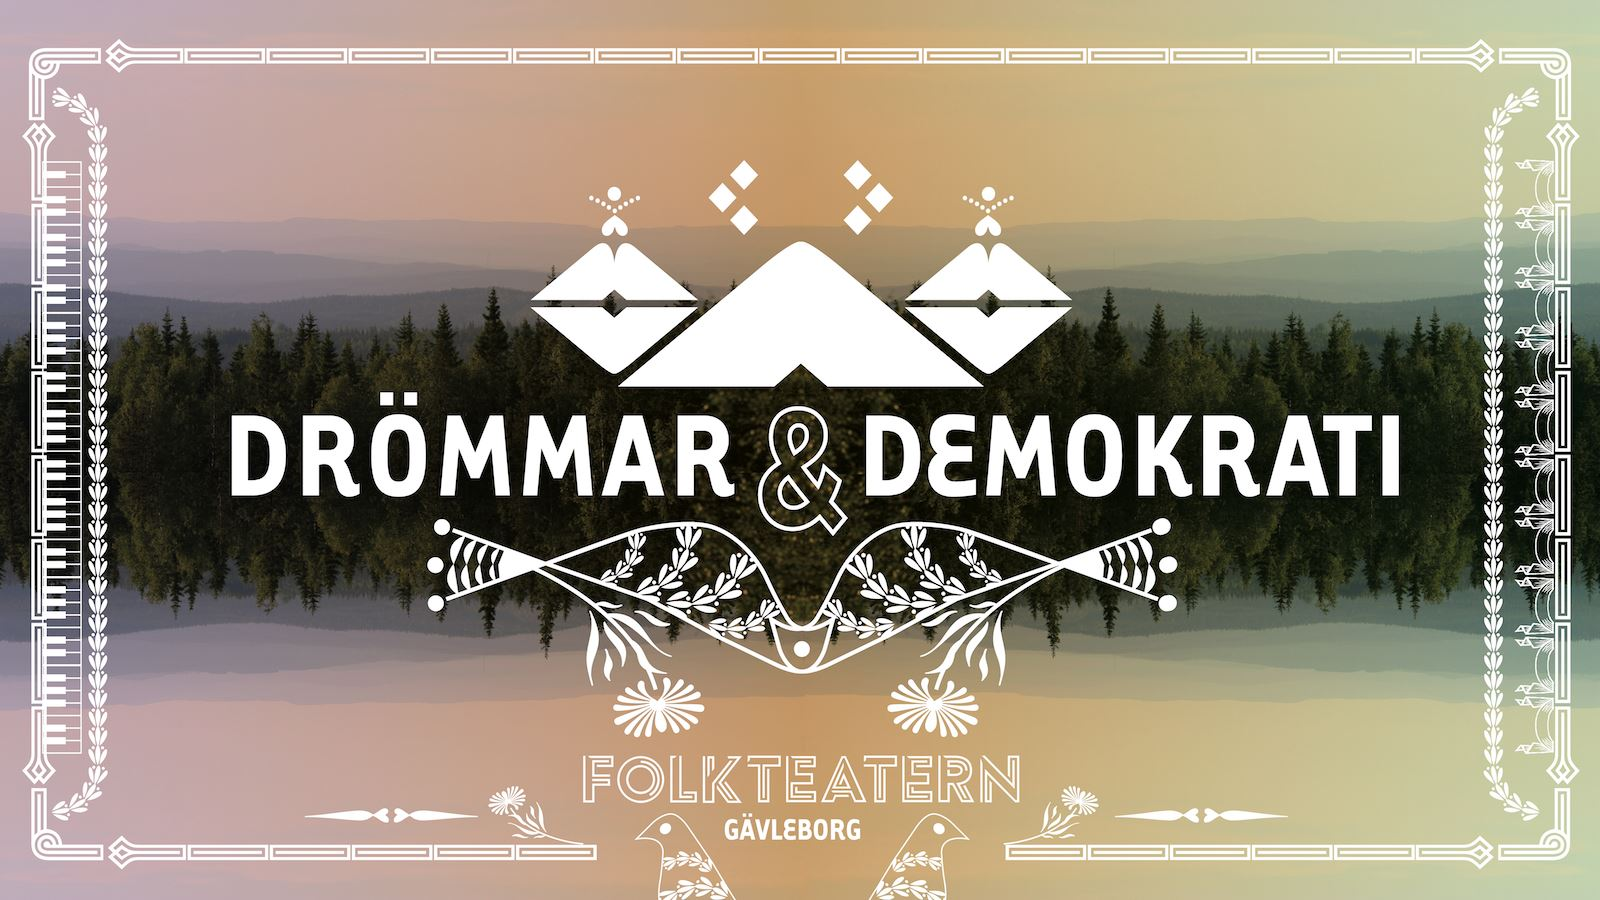 SAD Symphony - en del i scenkonstfestivalen Drömmar och demokrati, 23-24 april